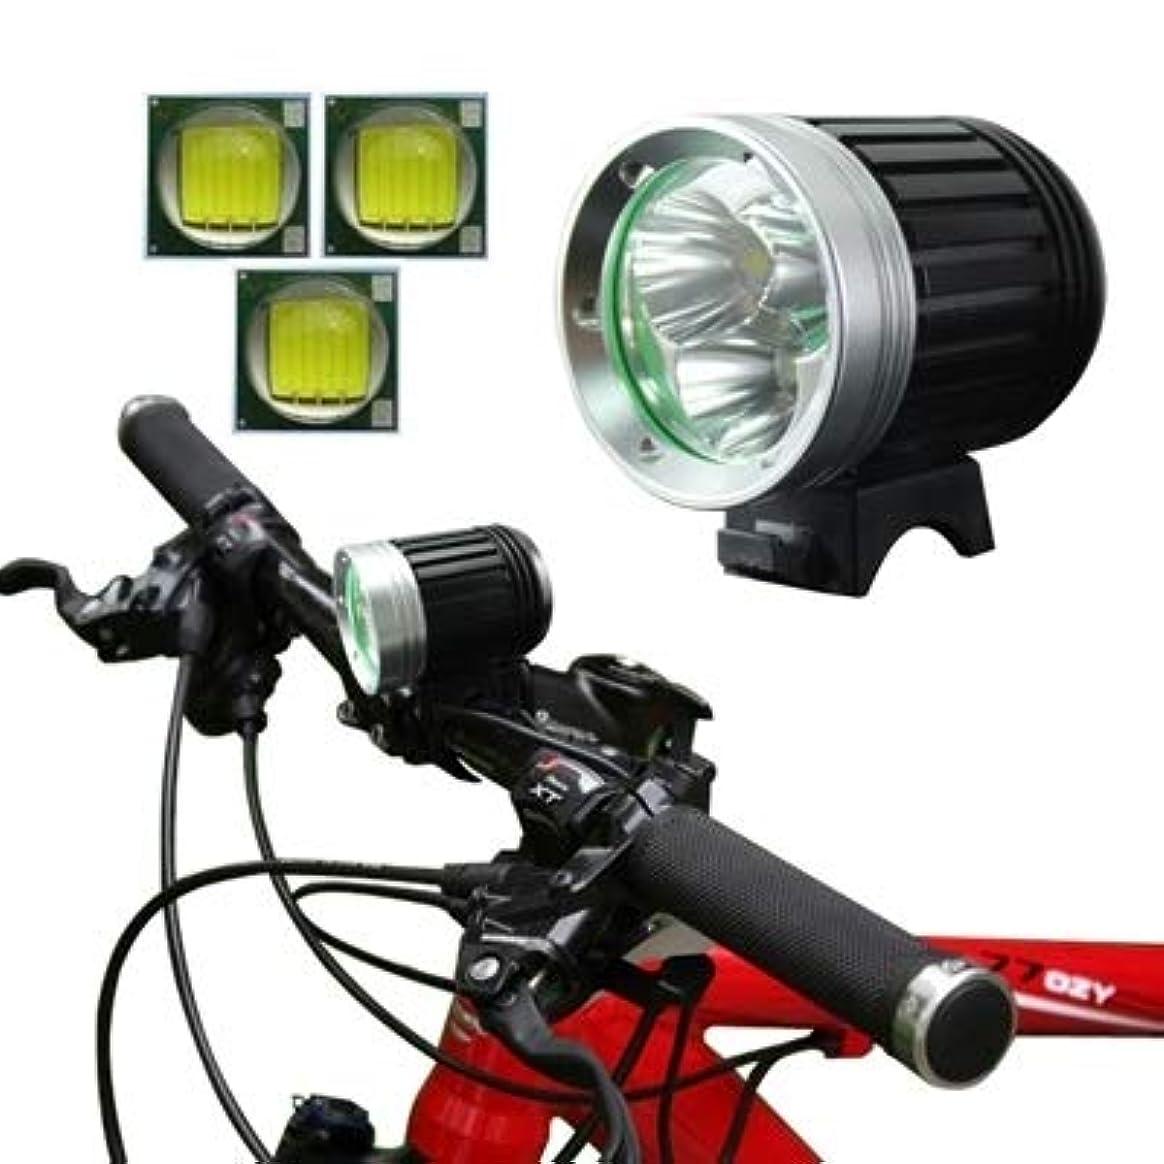 肌名声かわいらしいDSLSM ルーセントフラックス:1200lm、3x CREE XM-L T6 LEDトリッピング付き4モード自転車ランプ/ヘッドランプ